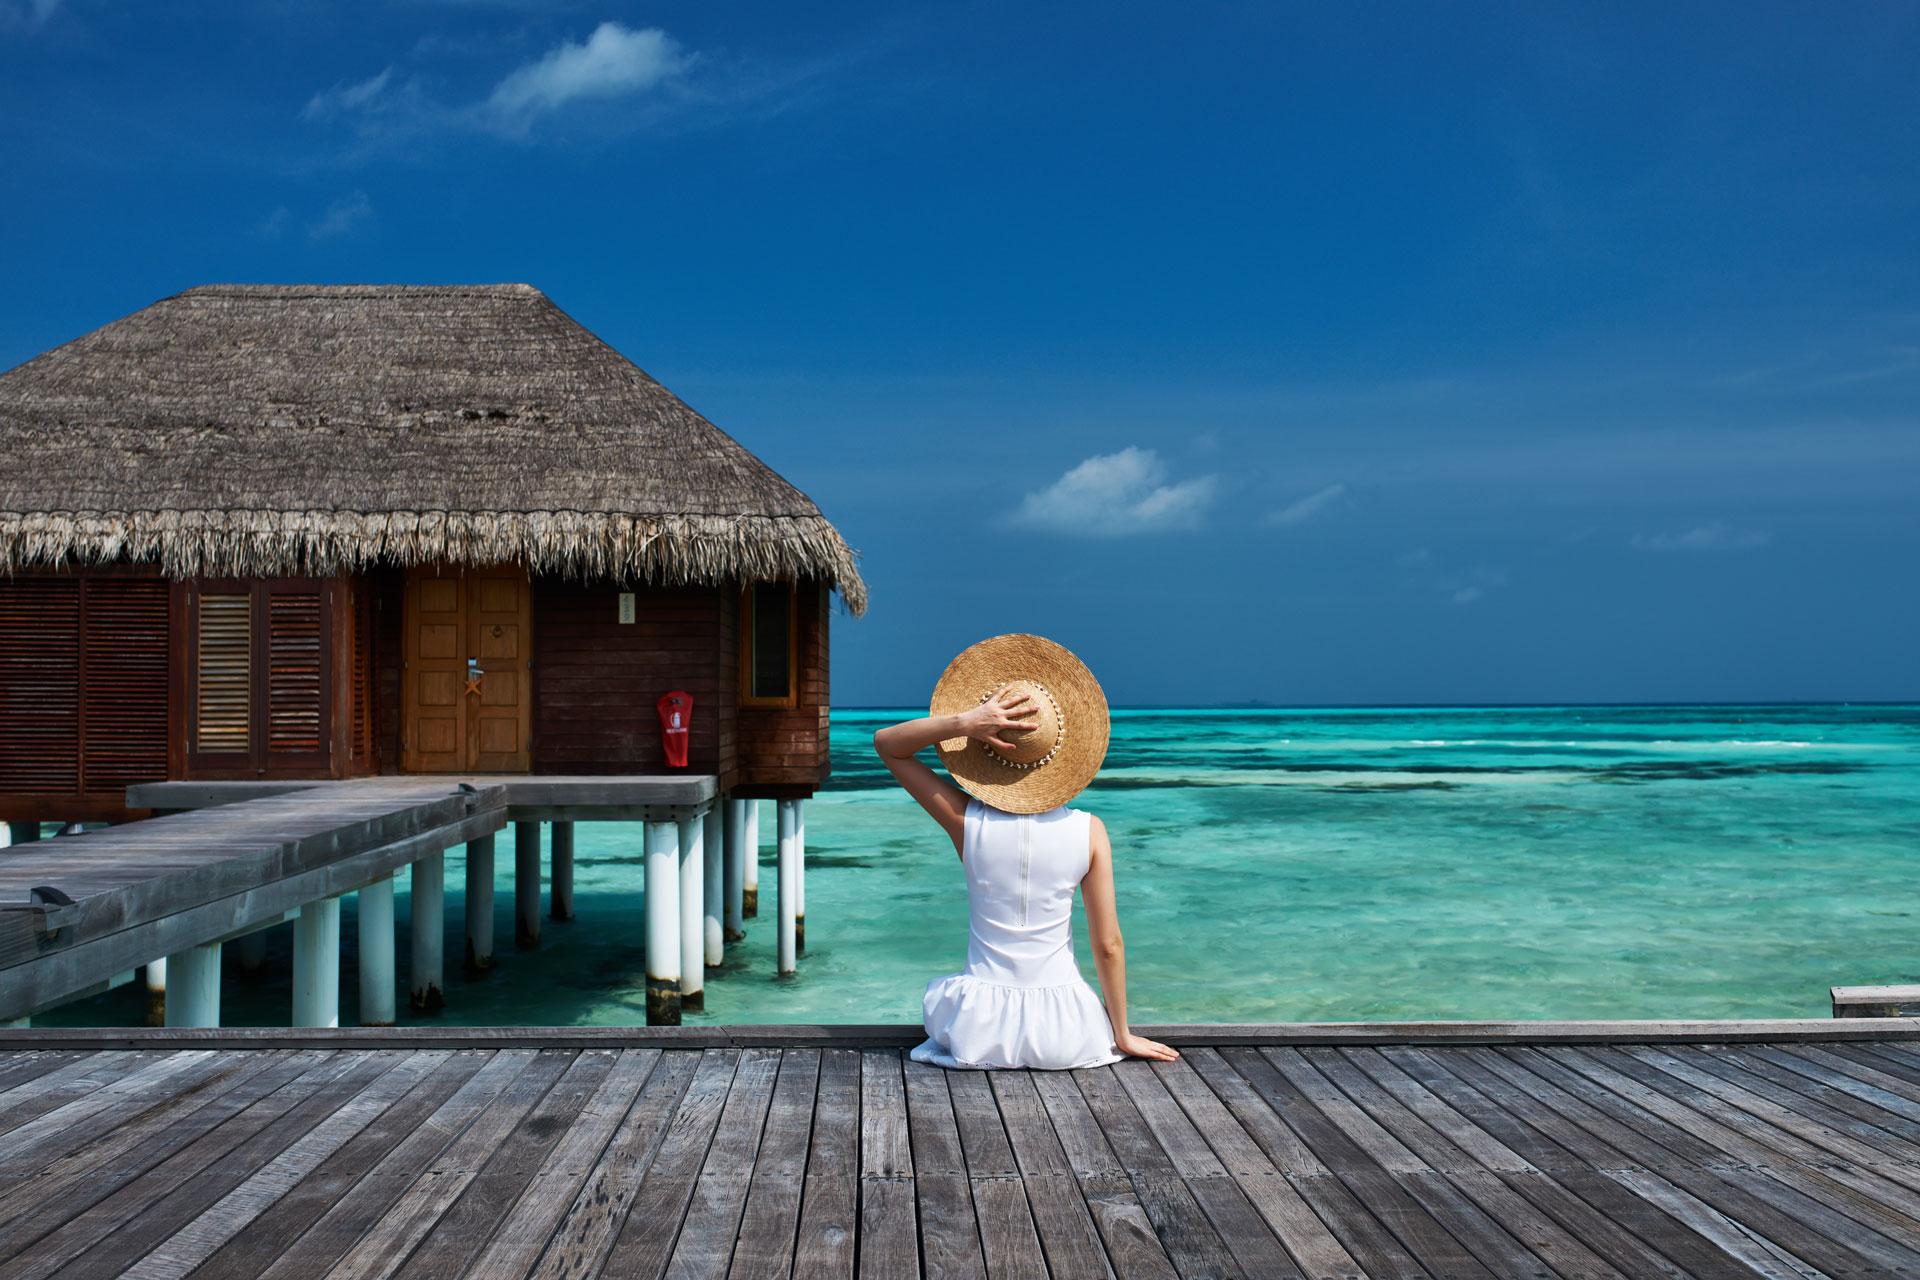 NGÀY 1: HỒ CHÍ MINH - MALE, MALDIVES (Trên Máy Bay)